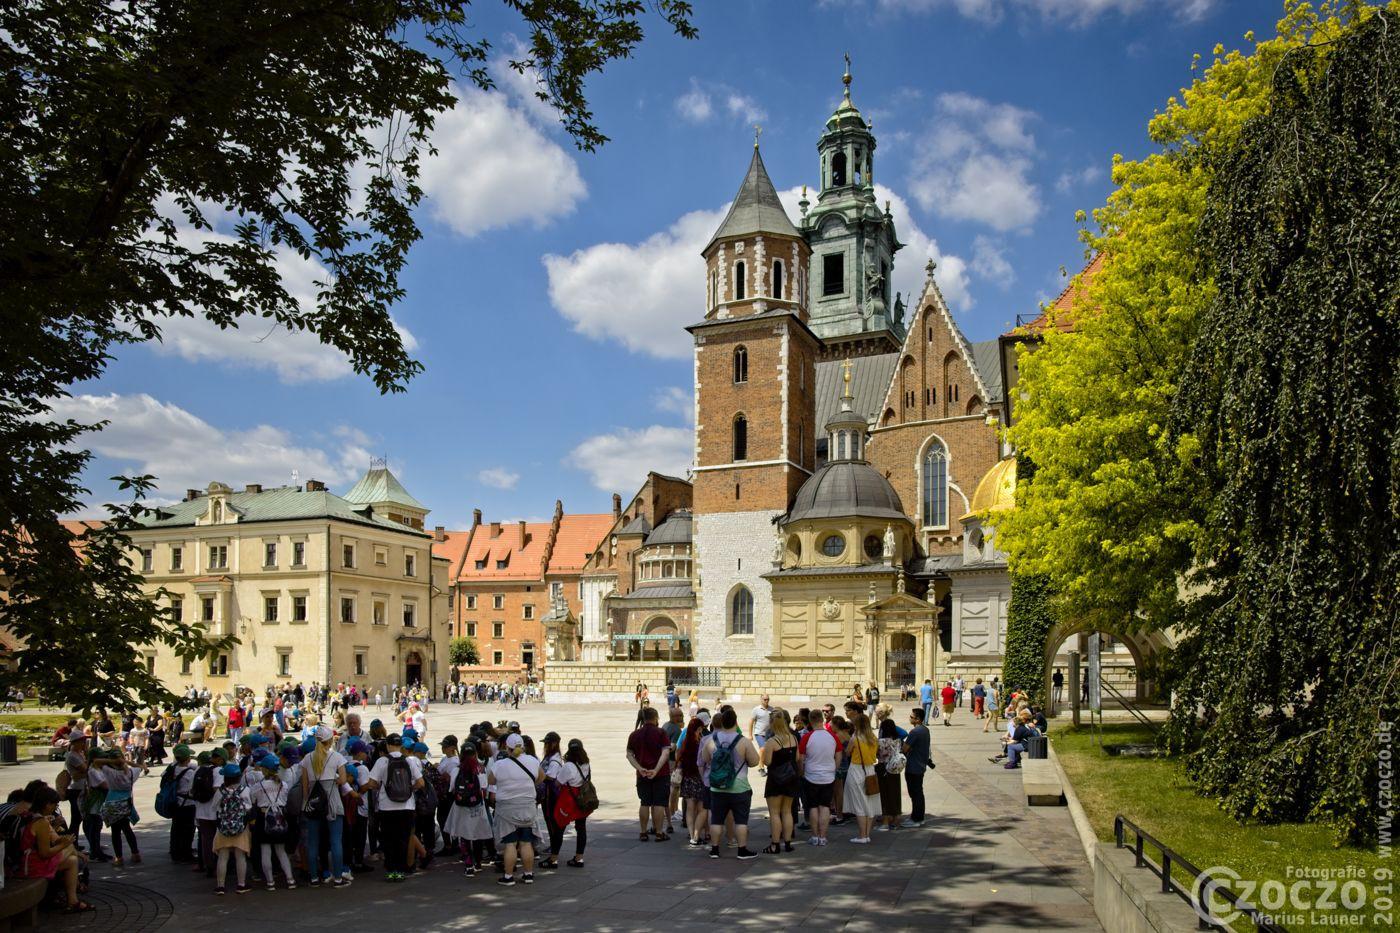 20190704-Krakau-Wawel-20190712-000337-copy